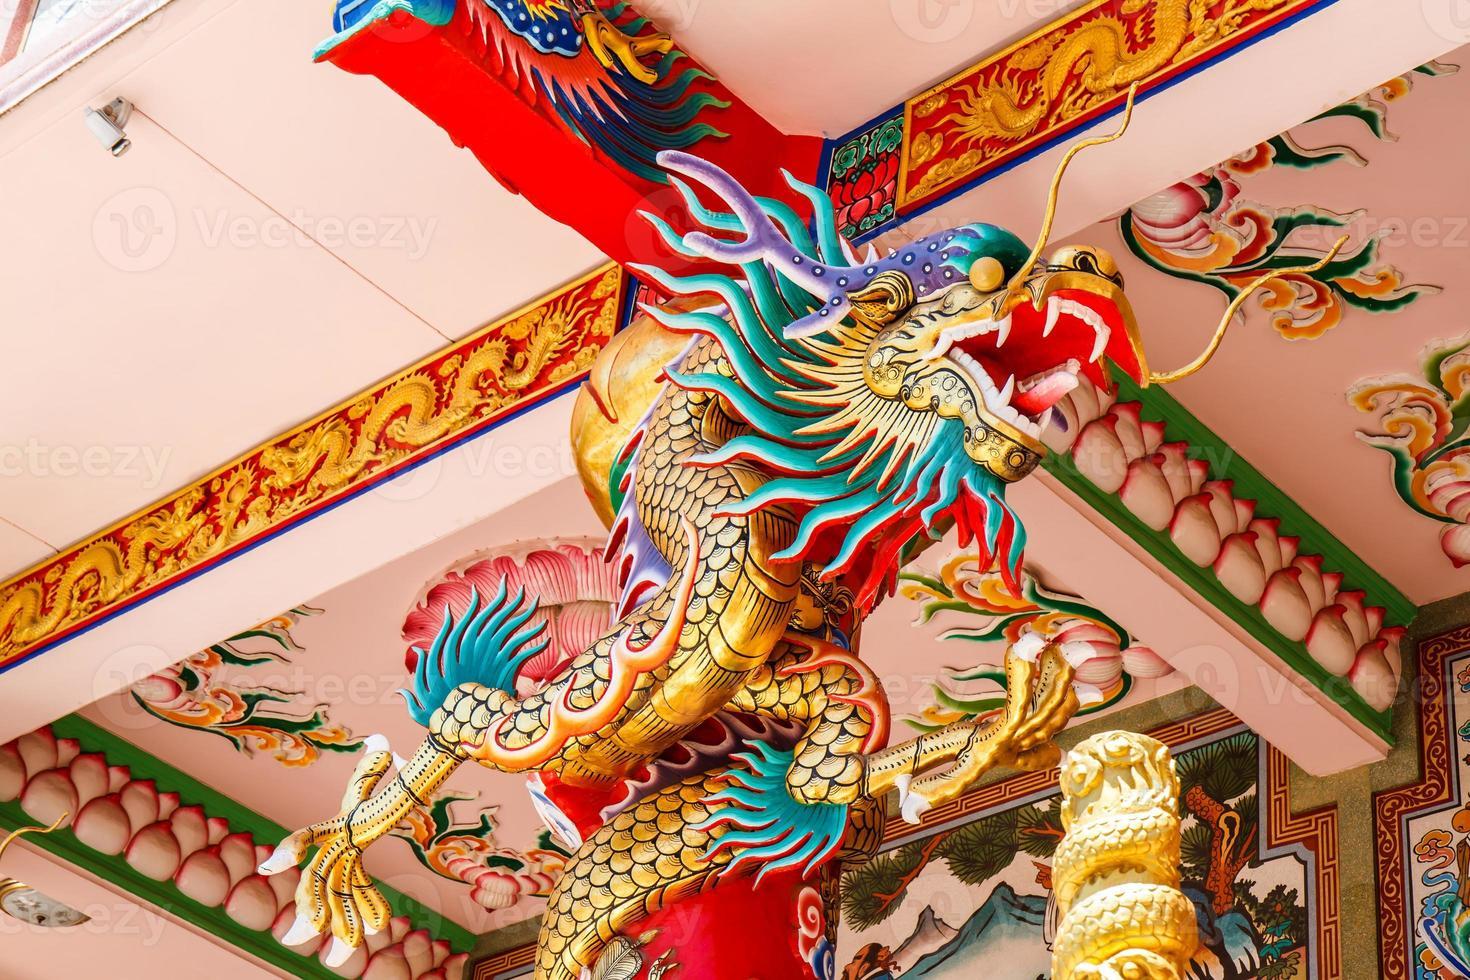 drakar i kinesiskt tempel foto